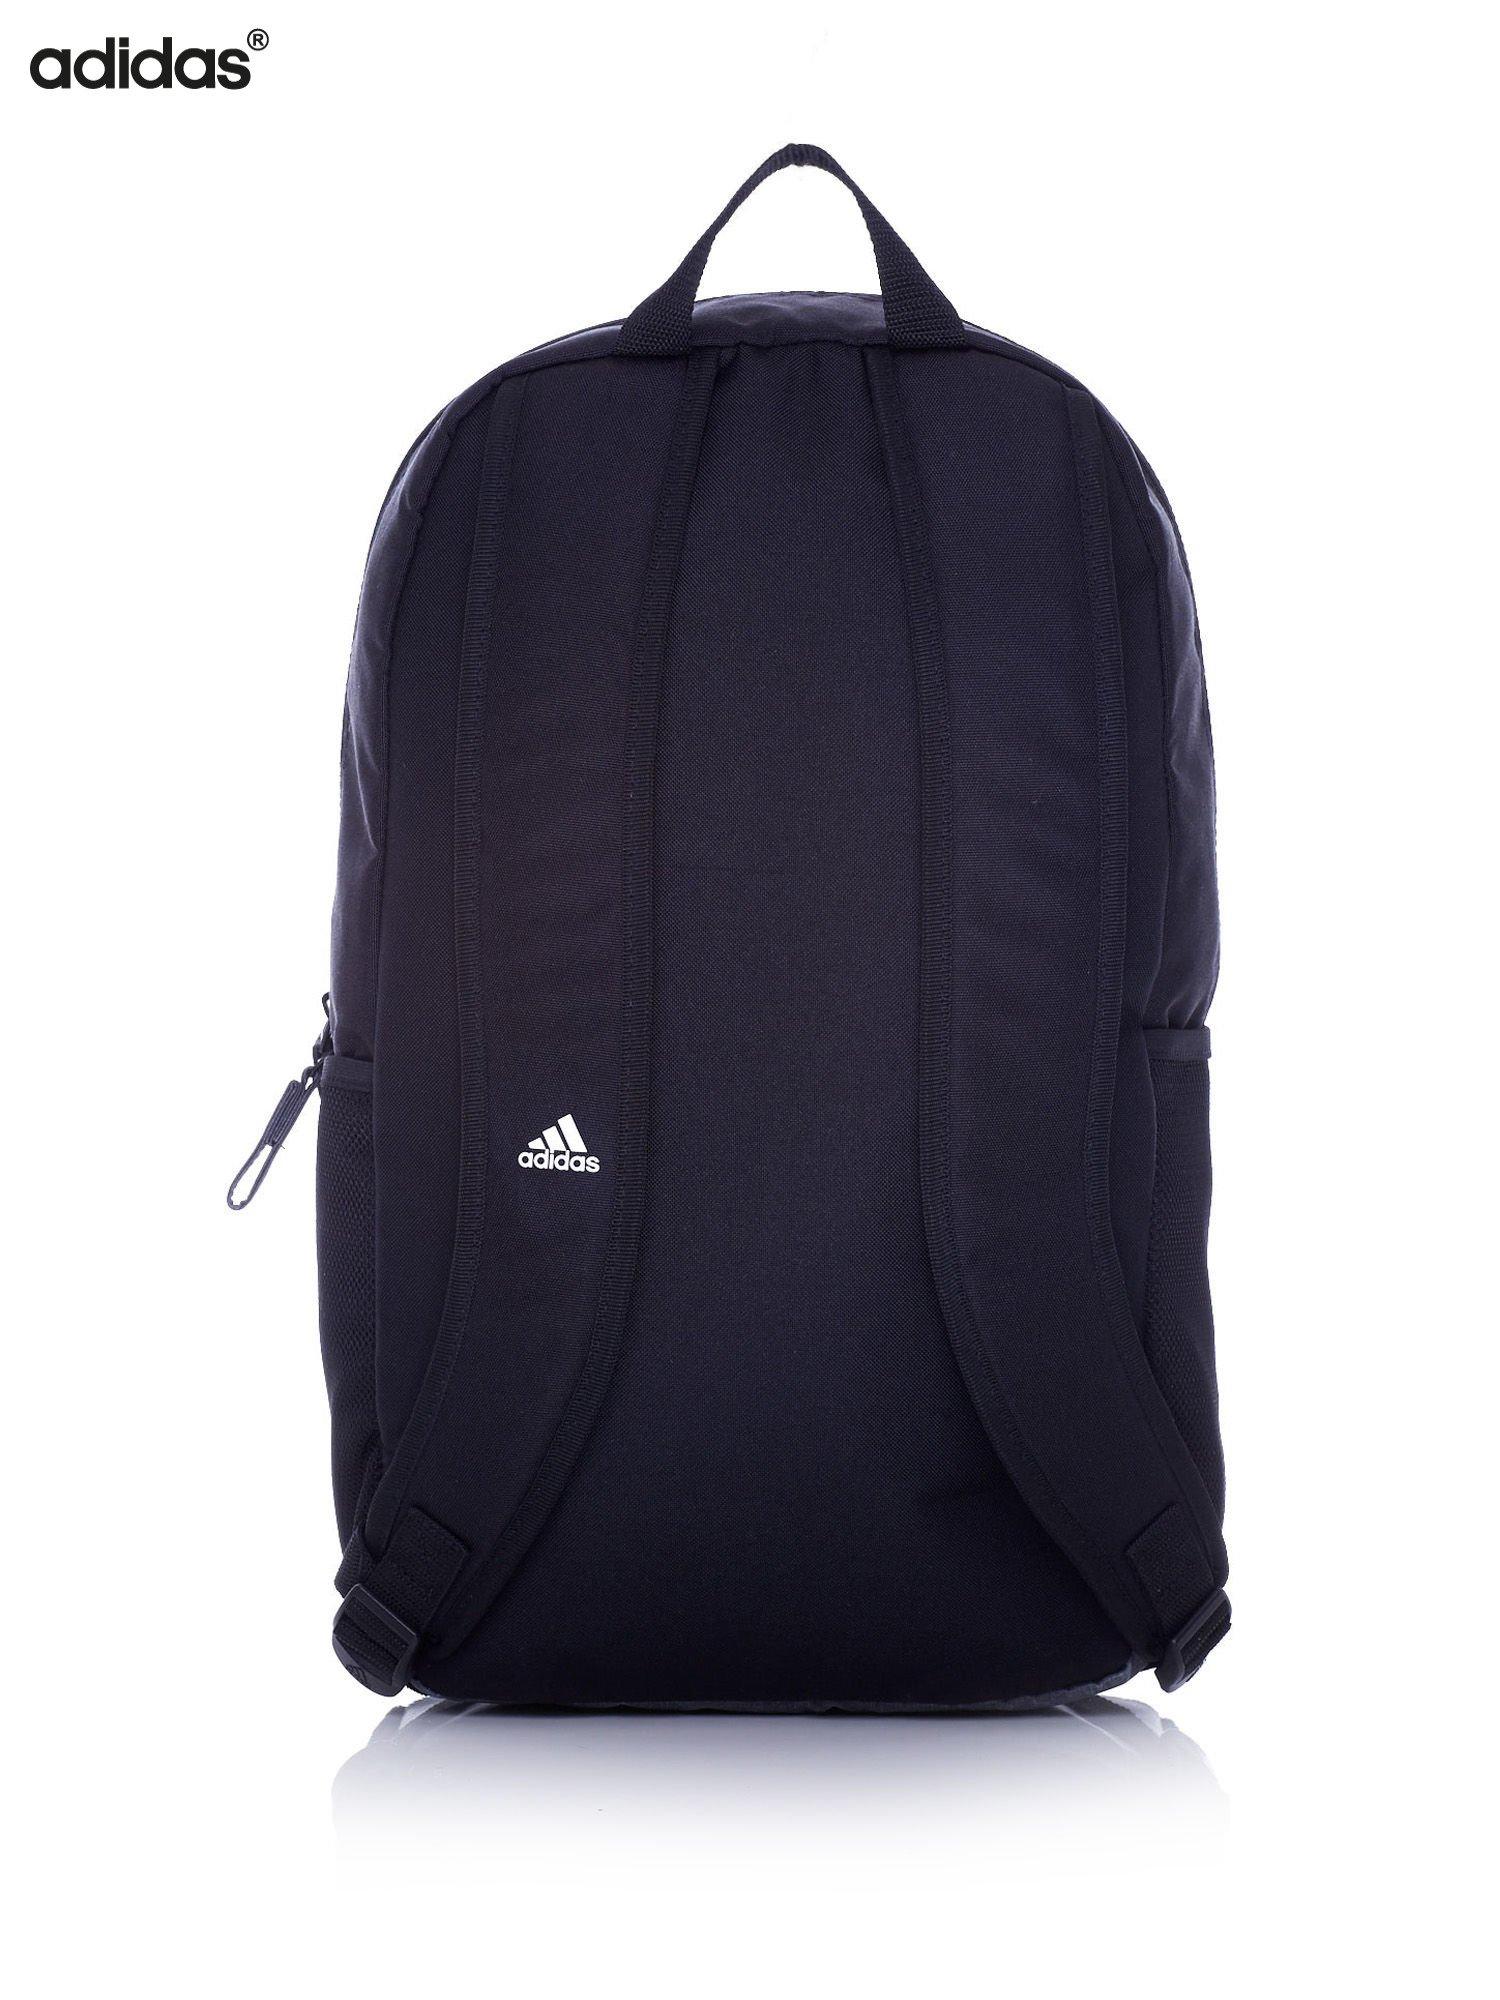 tanie plecaki szkolne adidas